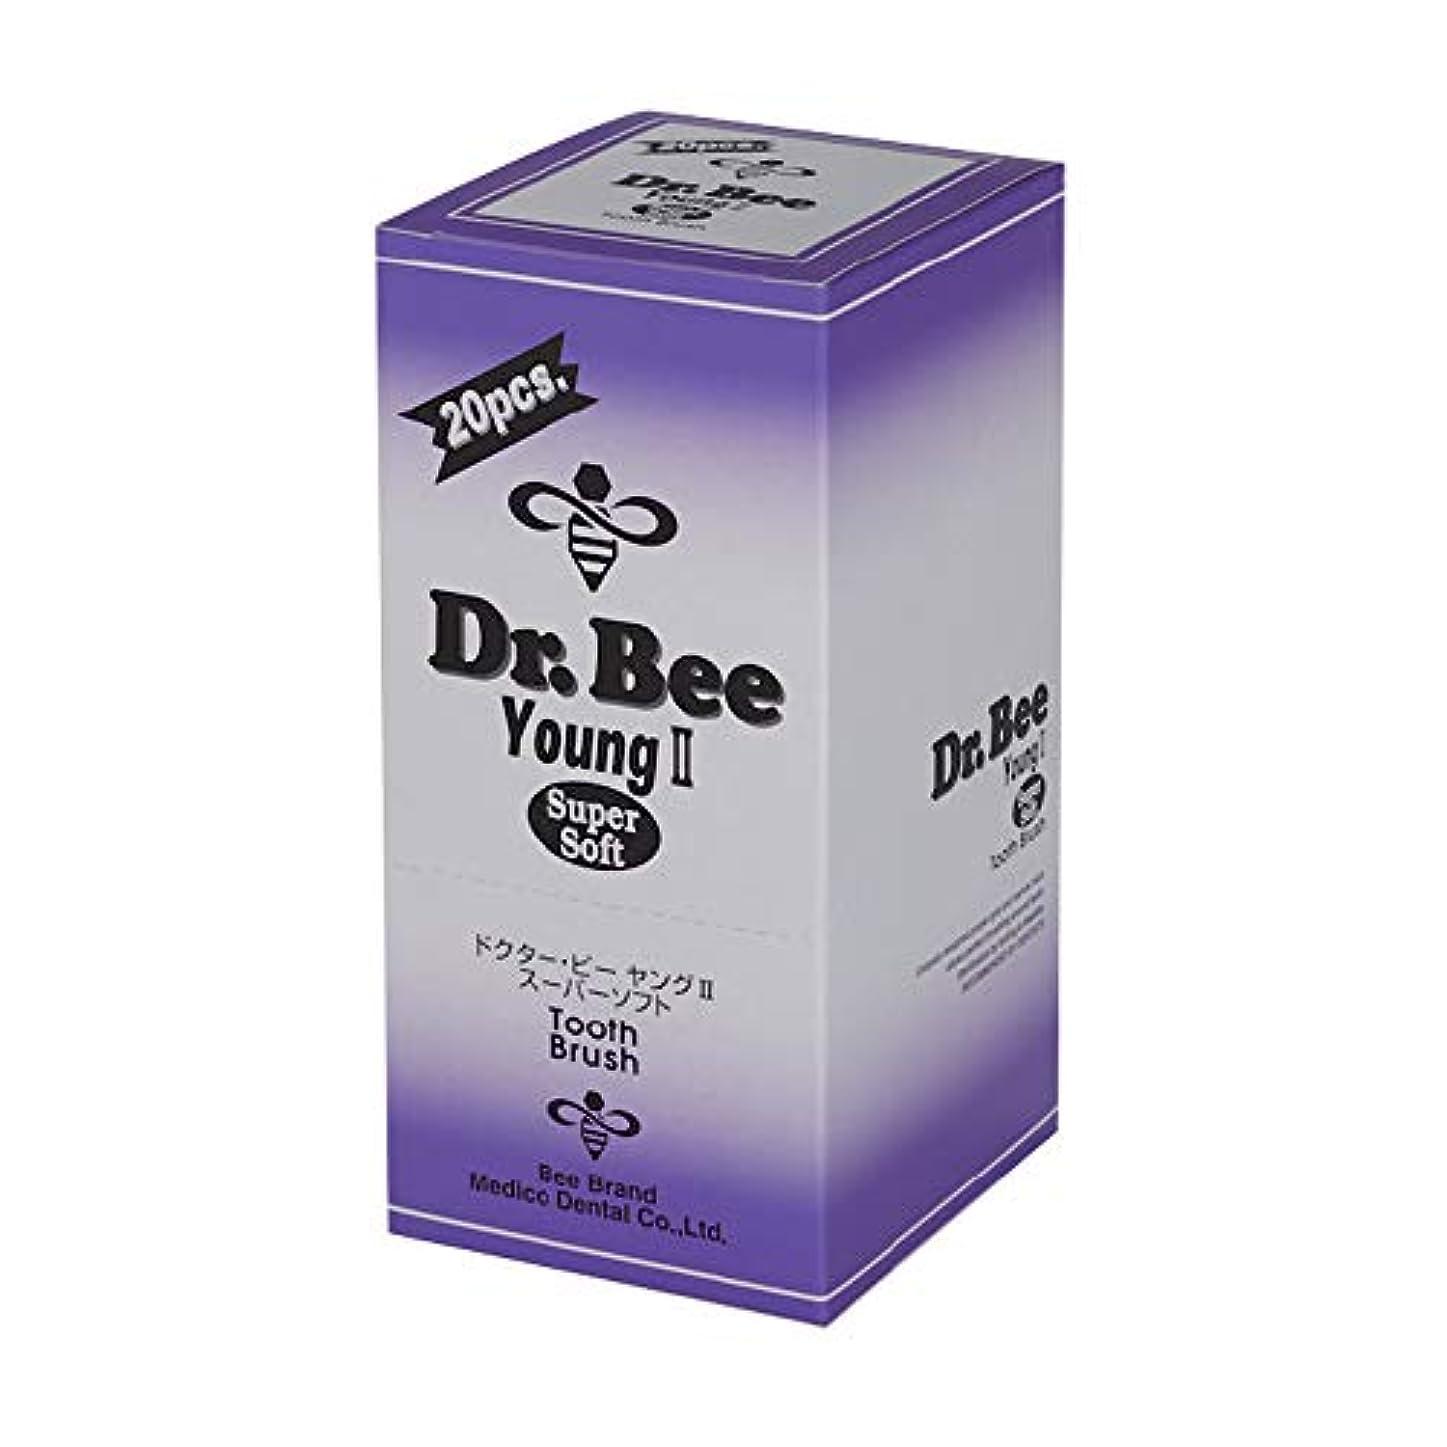 外交問題雲行政Dr.Bee ヤングⅡ スーパーソフト 20本入り